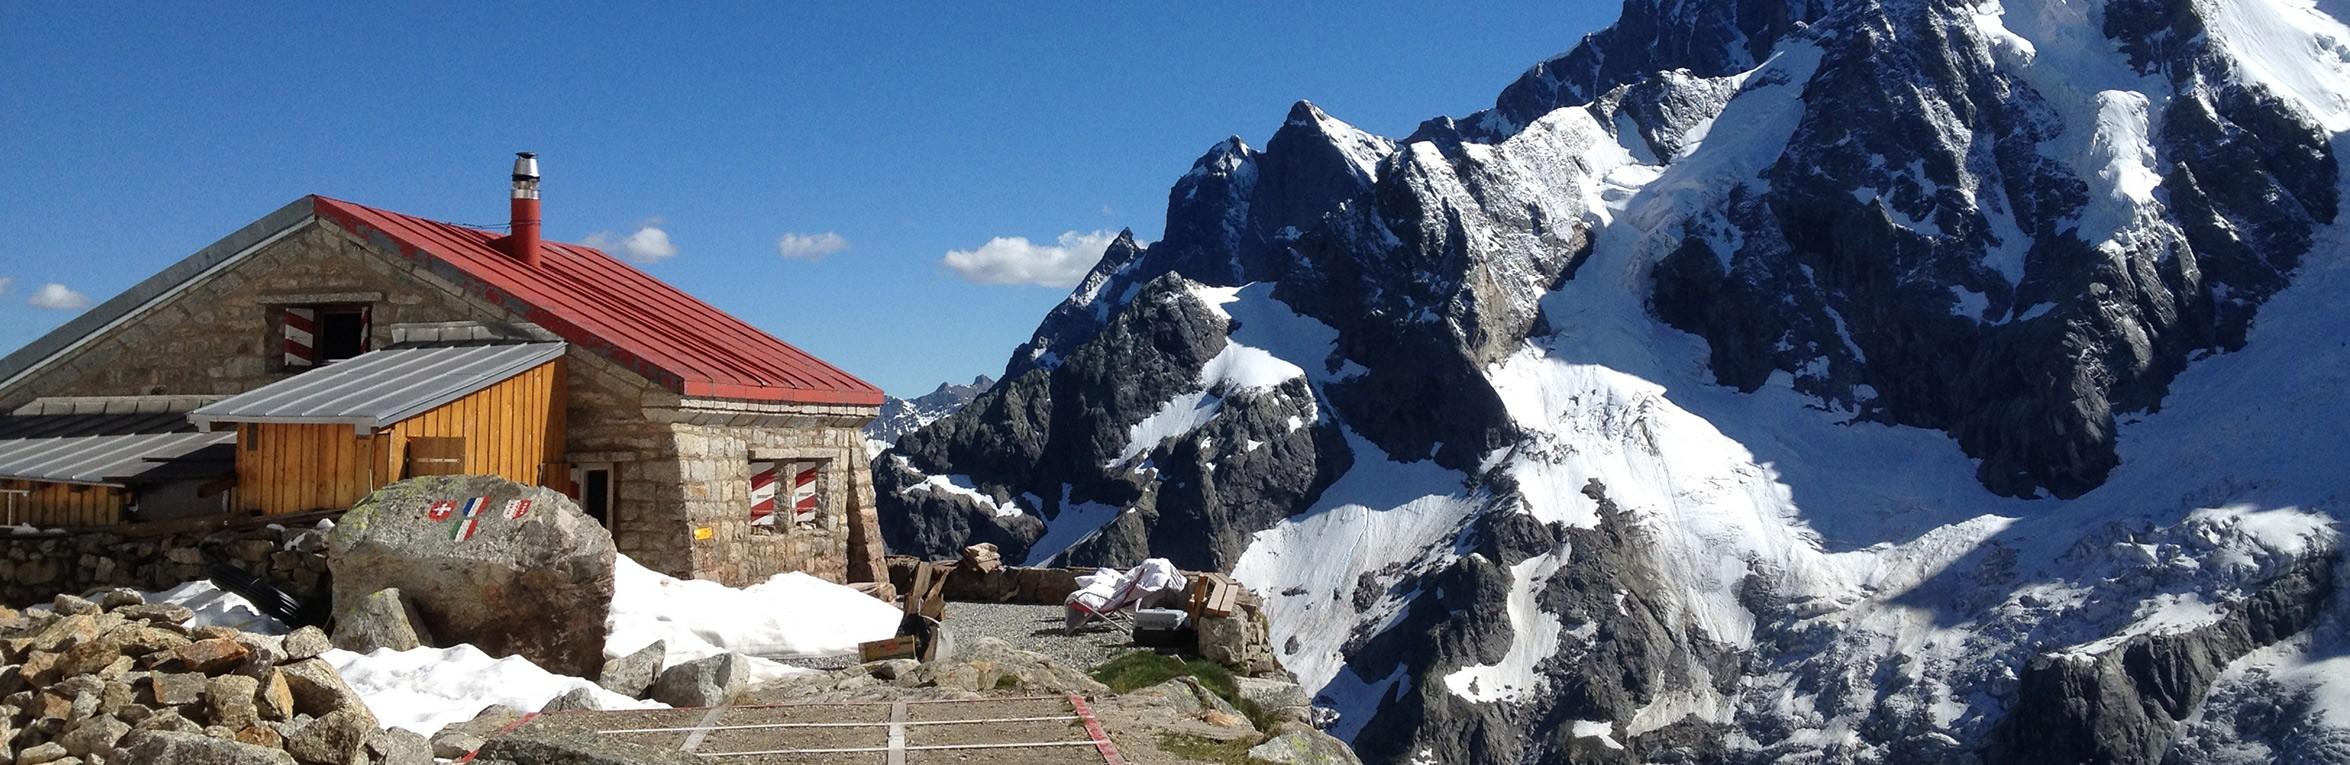 Topos Guides - Suisse Itinérance - Cabane à Neuve